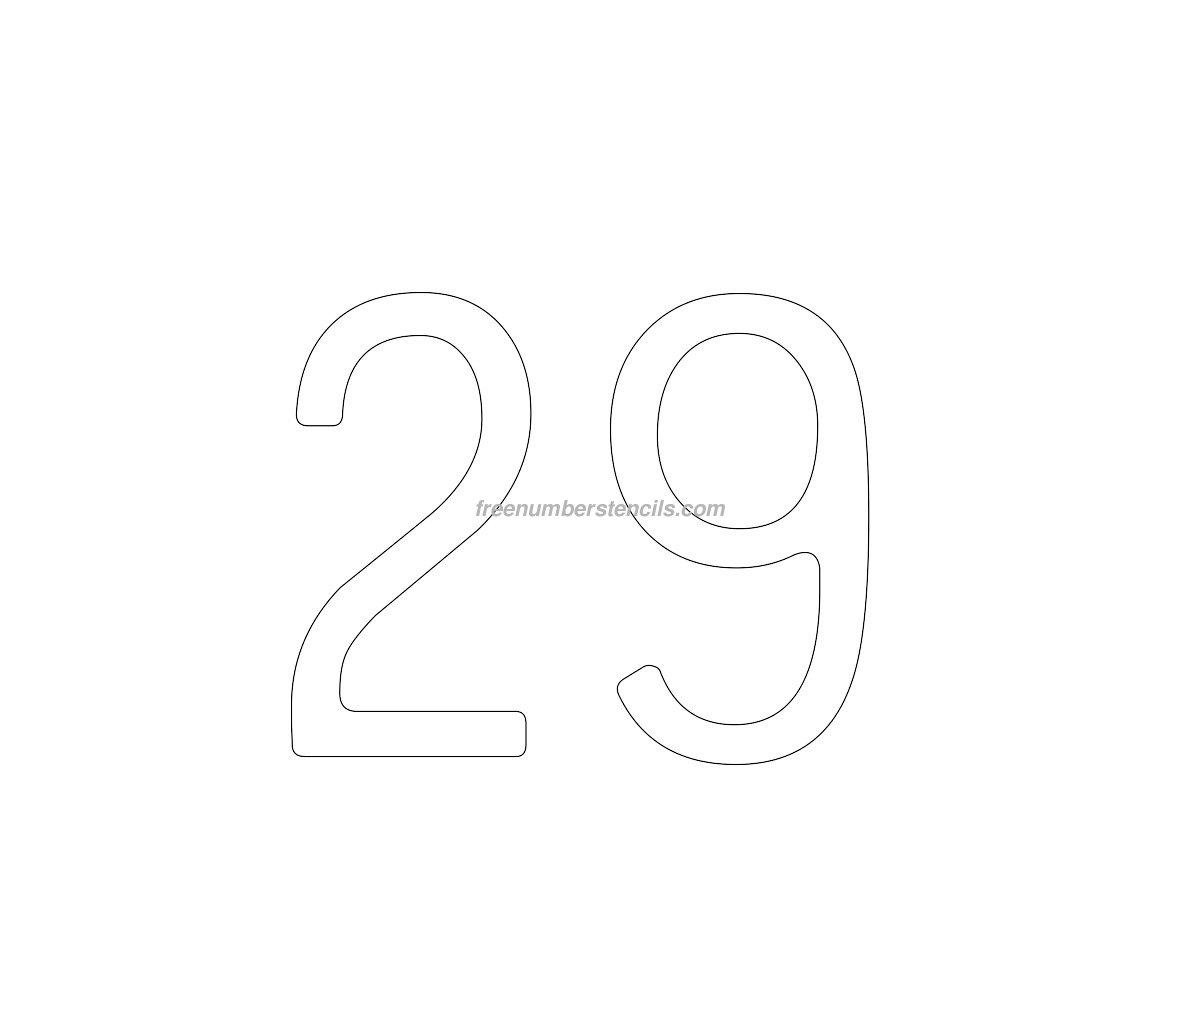 Cake Pattern Stencils : Cake Free 29 Number Stencil - Freenumberstencils.com